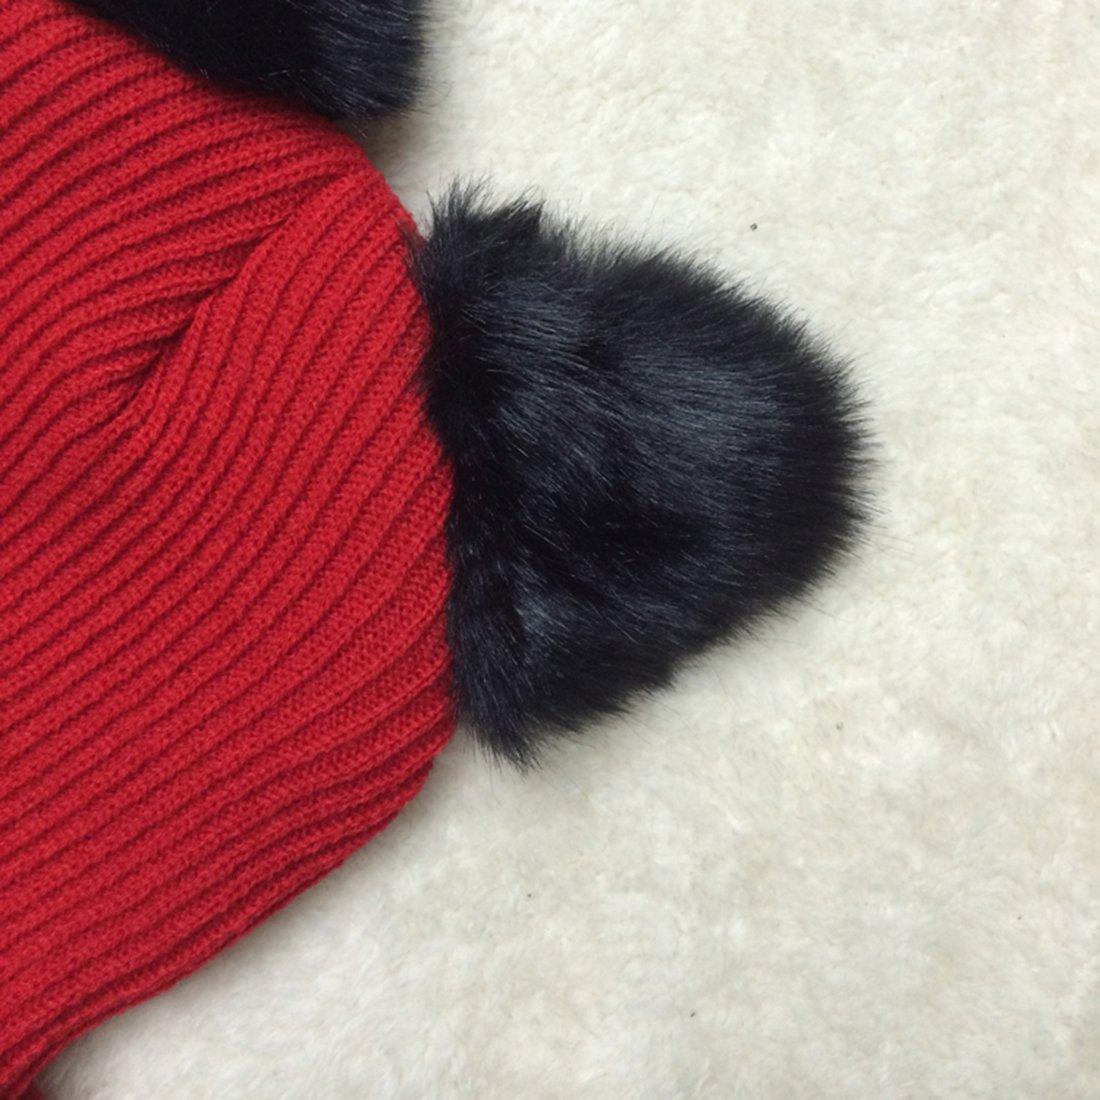 2717e042e1411 NW 1776 Sombrero de mujer gato oreja ganchillo trenzado de punto gorras  snowboard caliente invierno